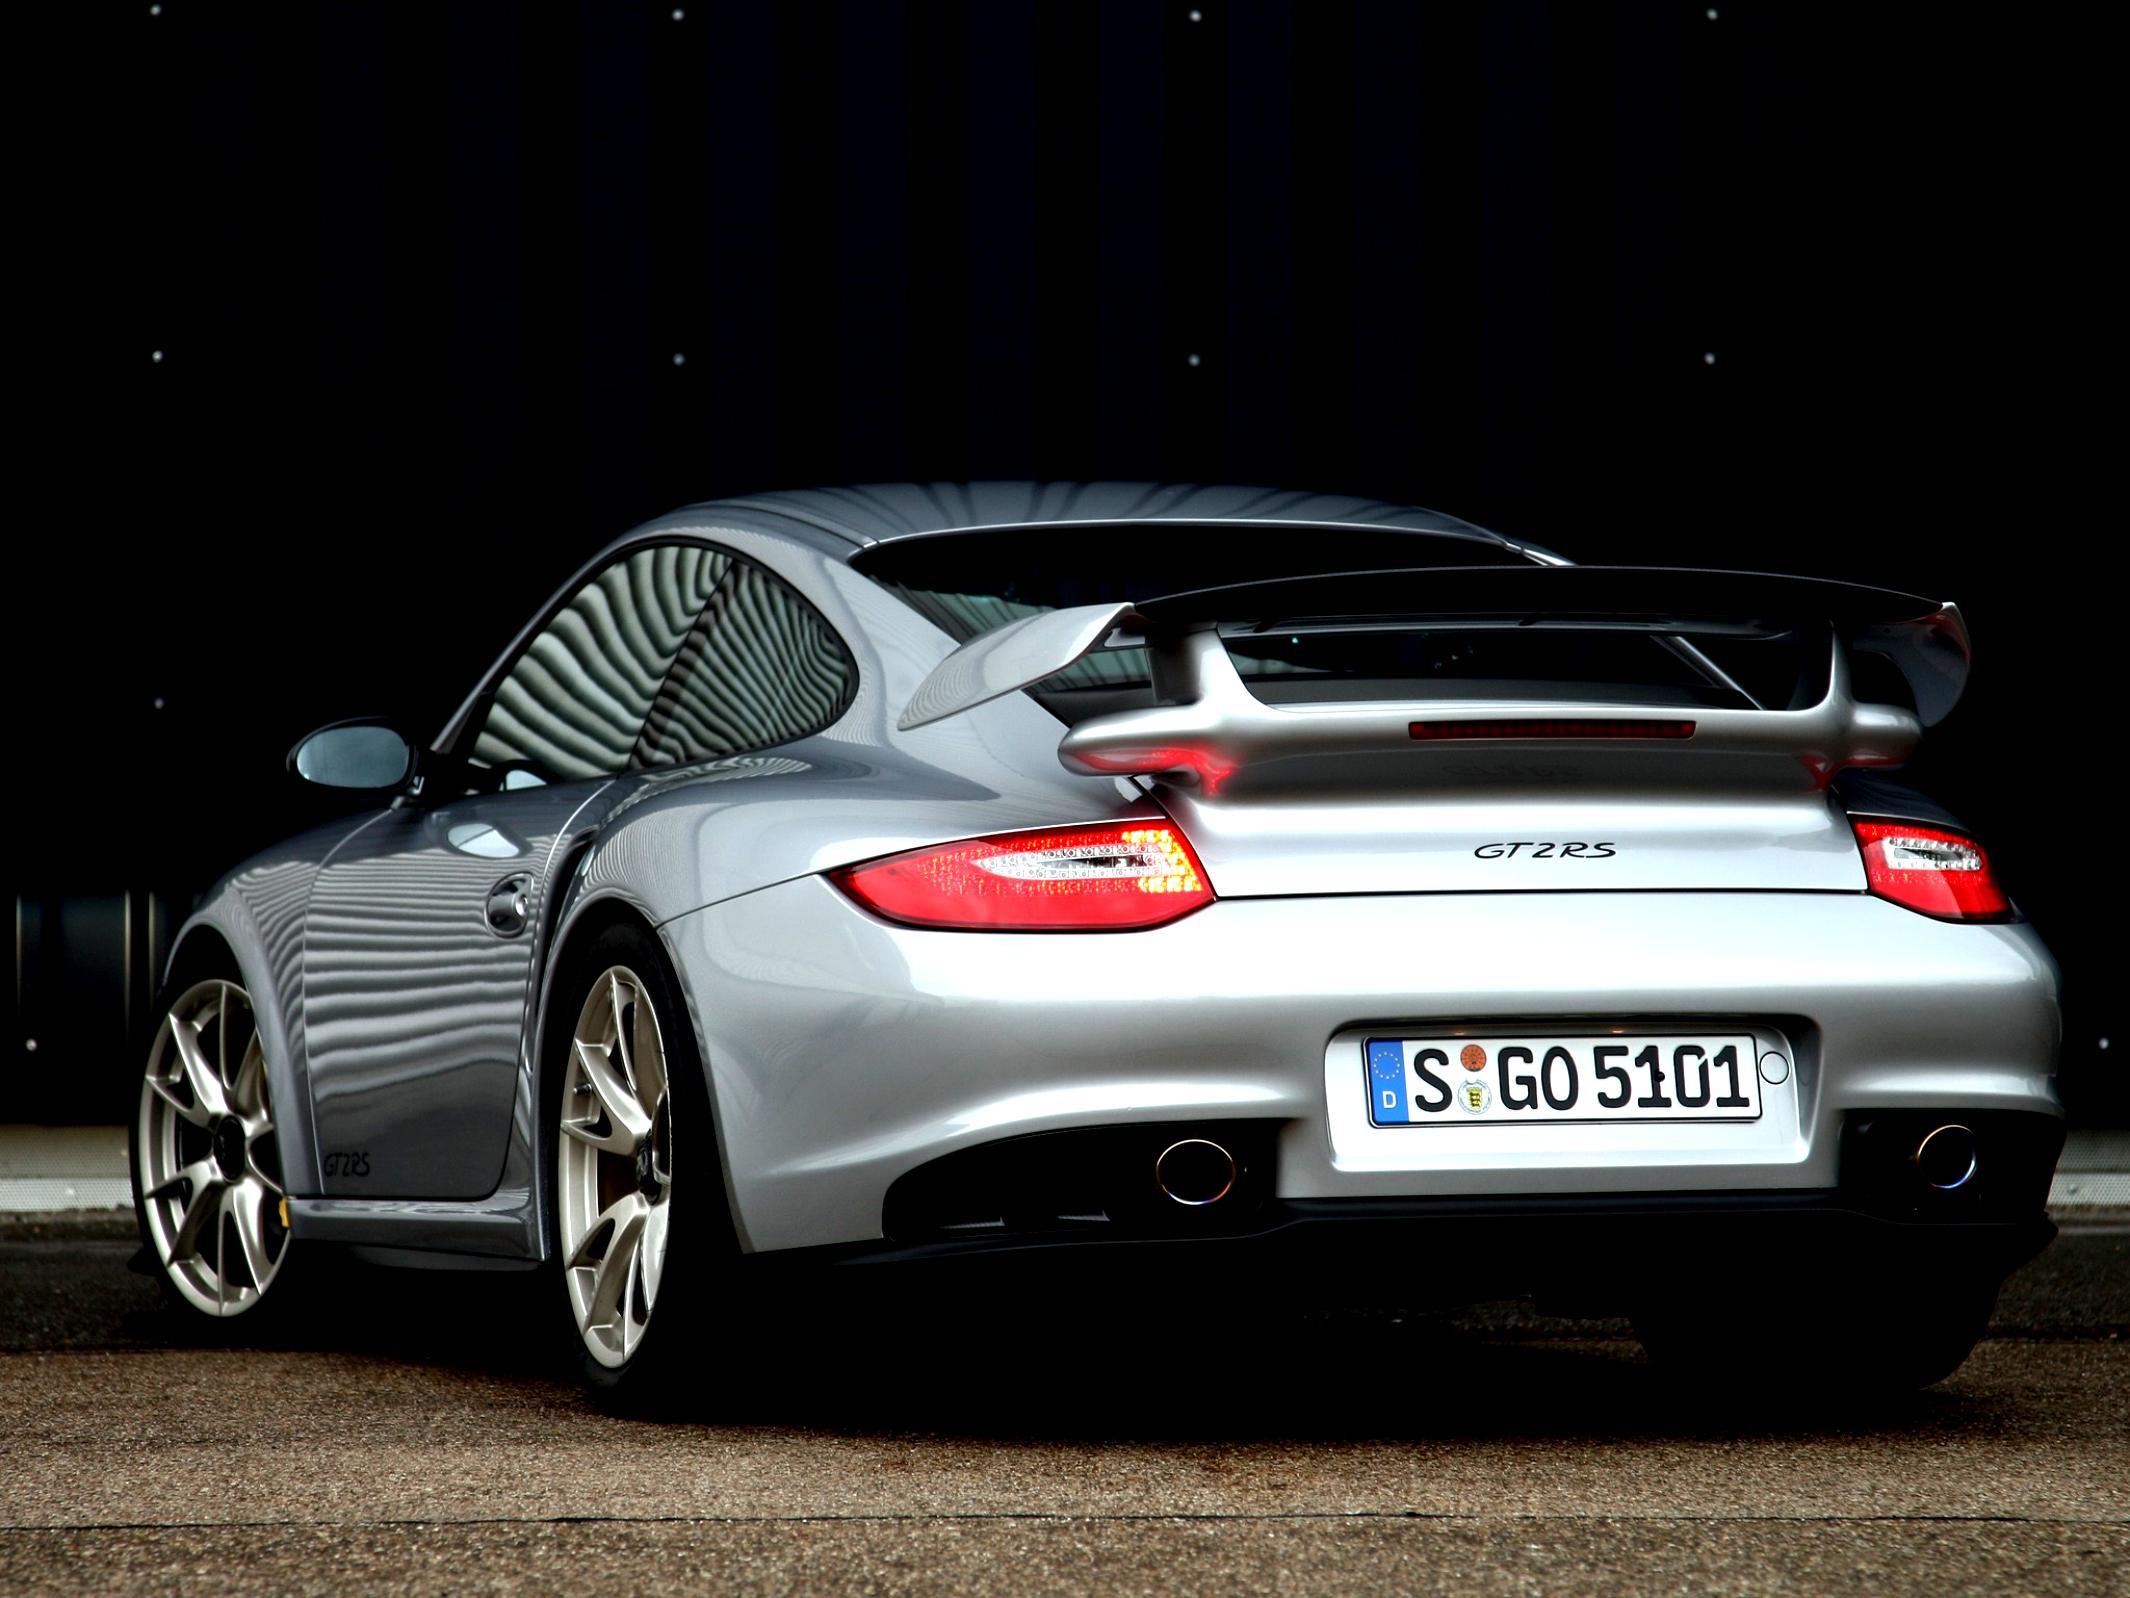 porsche-911-gt2-rs-2010-39 Astounding Porsche 911 Gt2 Rs 2012 Cars Trend